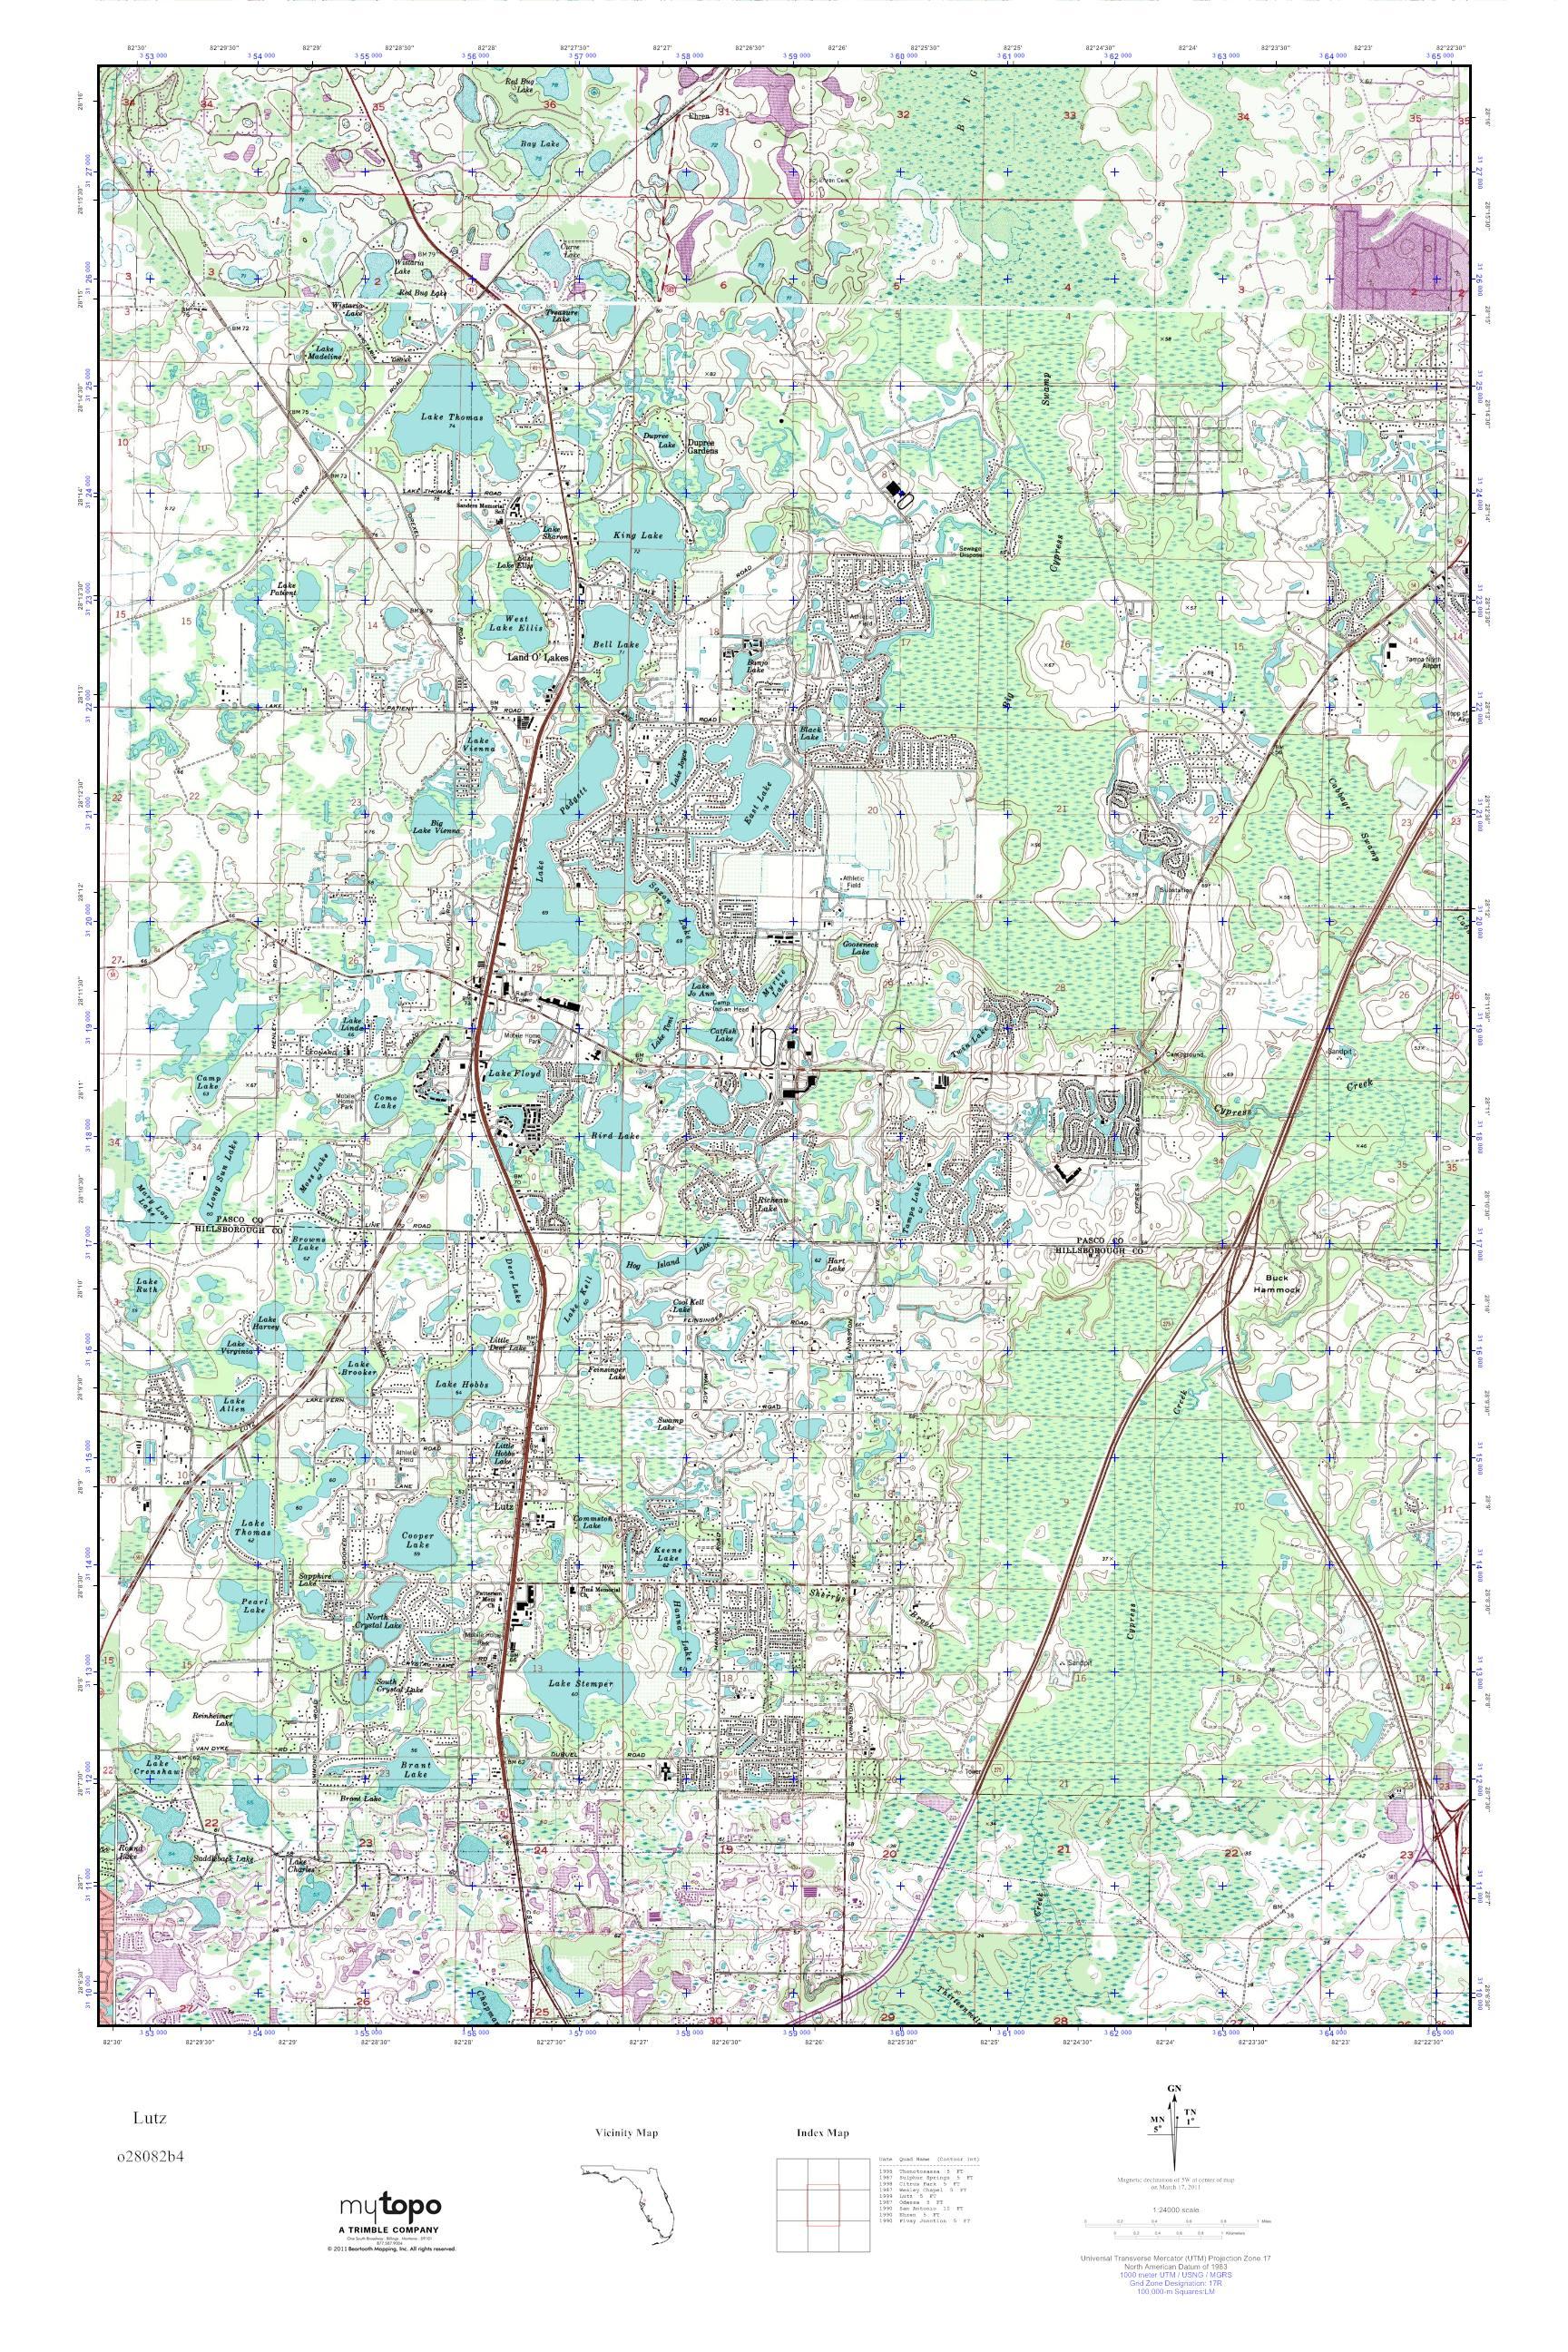 Lutz Florida Map.Mytopo Lutz Florida Usgs Quad Topo Map